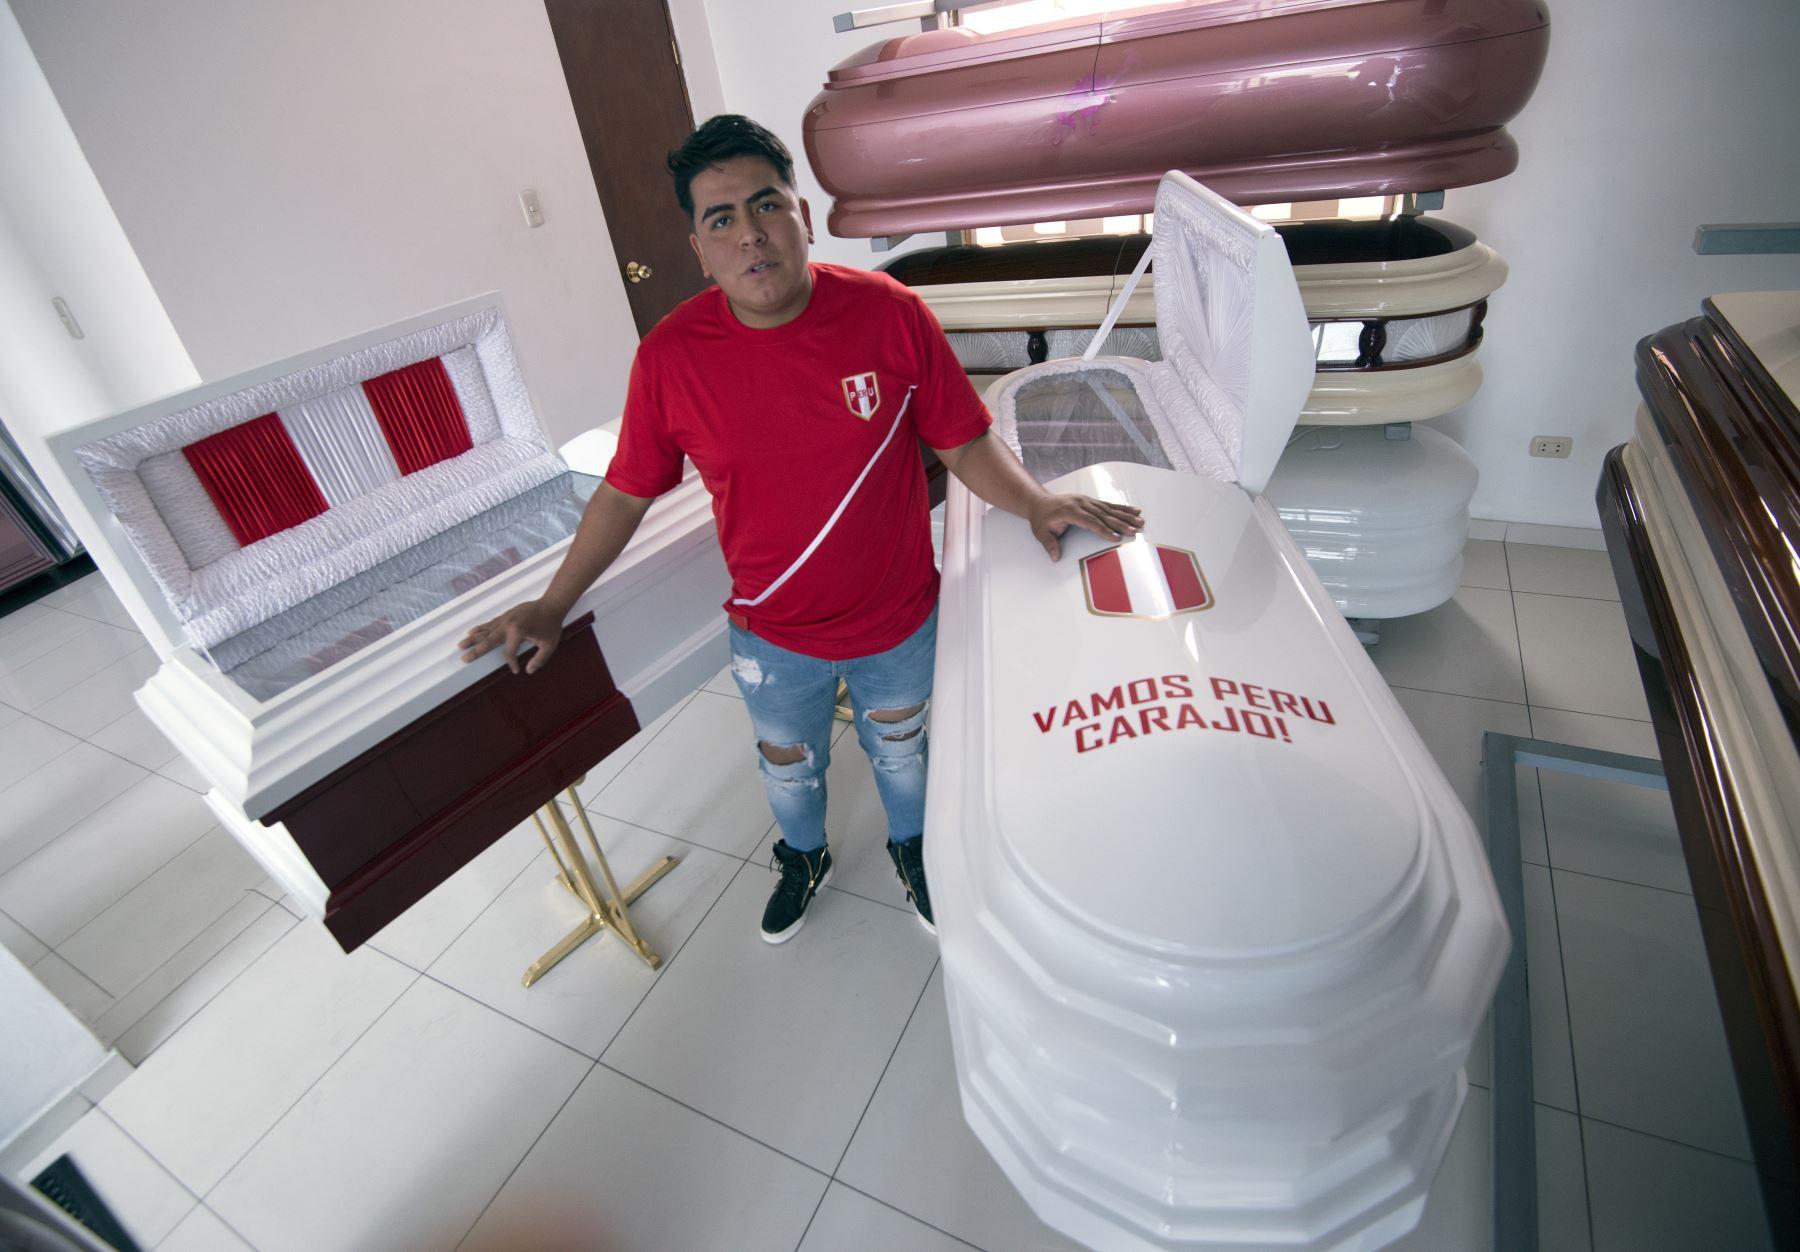 Funeraria Galindo ofrece servicios de entierro  en el popular barrio de San Juan de Lurigancho, en un coche fúnebre decorado con los colores del equipo nacional de fútbol, y ataúdes también pintados en blanco y rojo con la frase